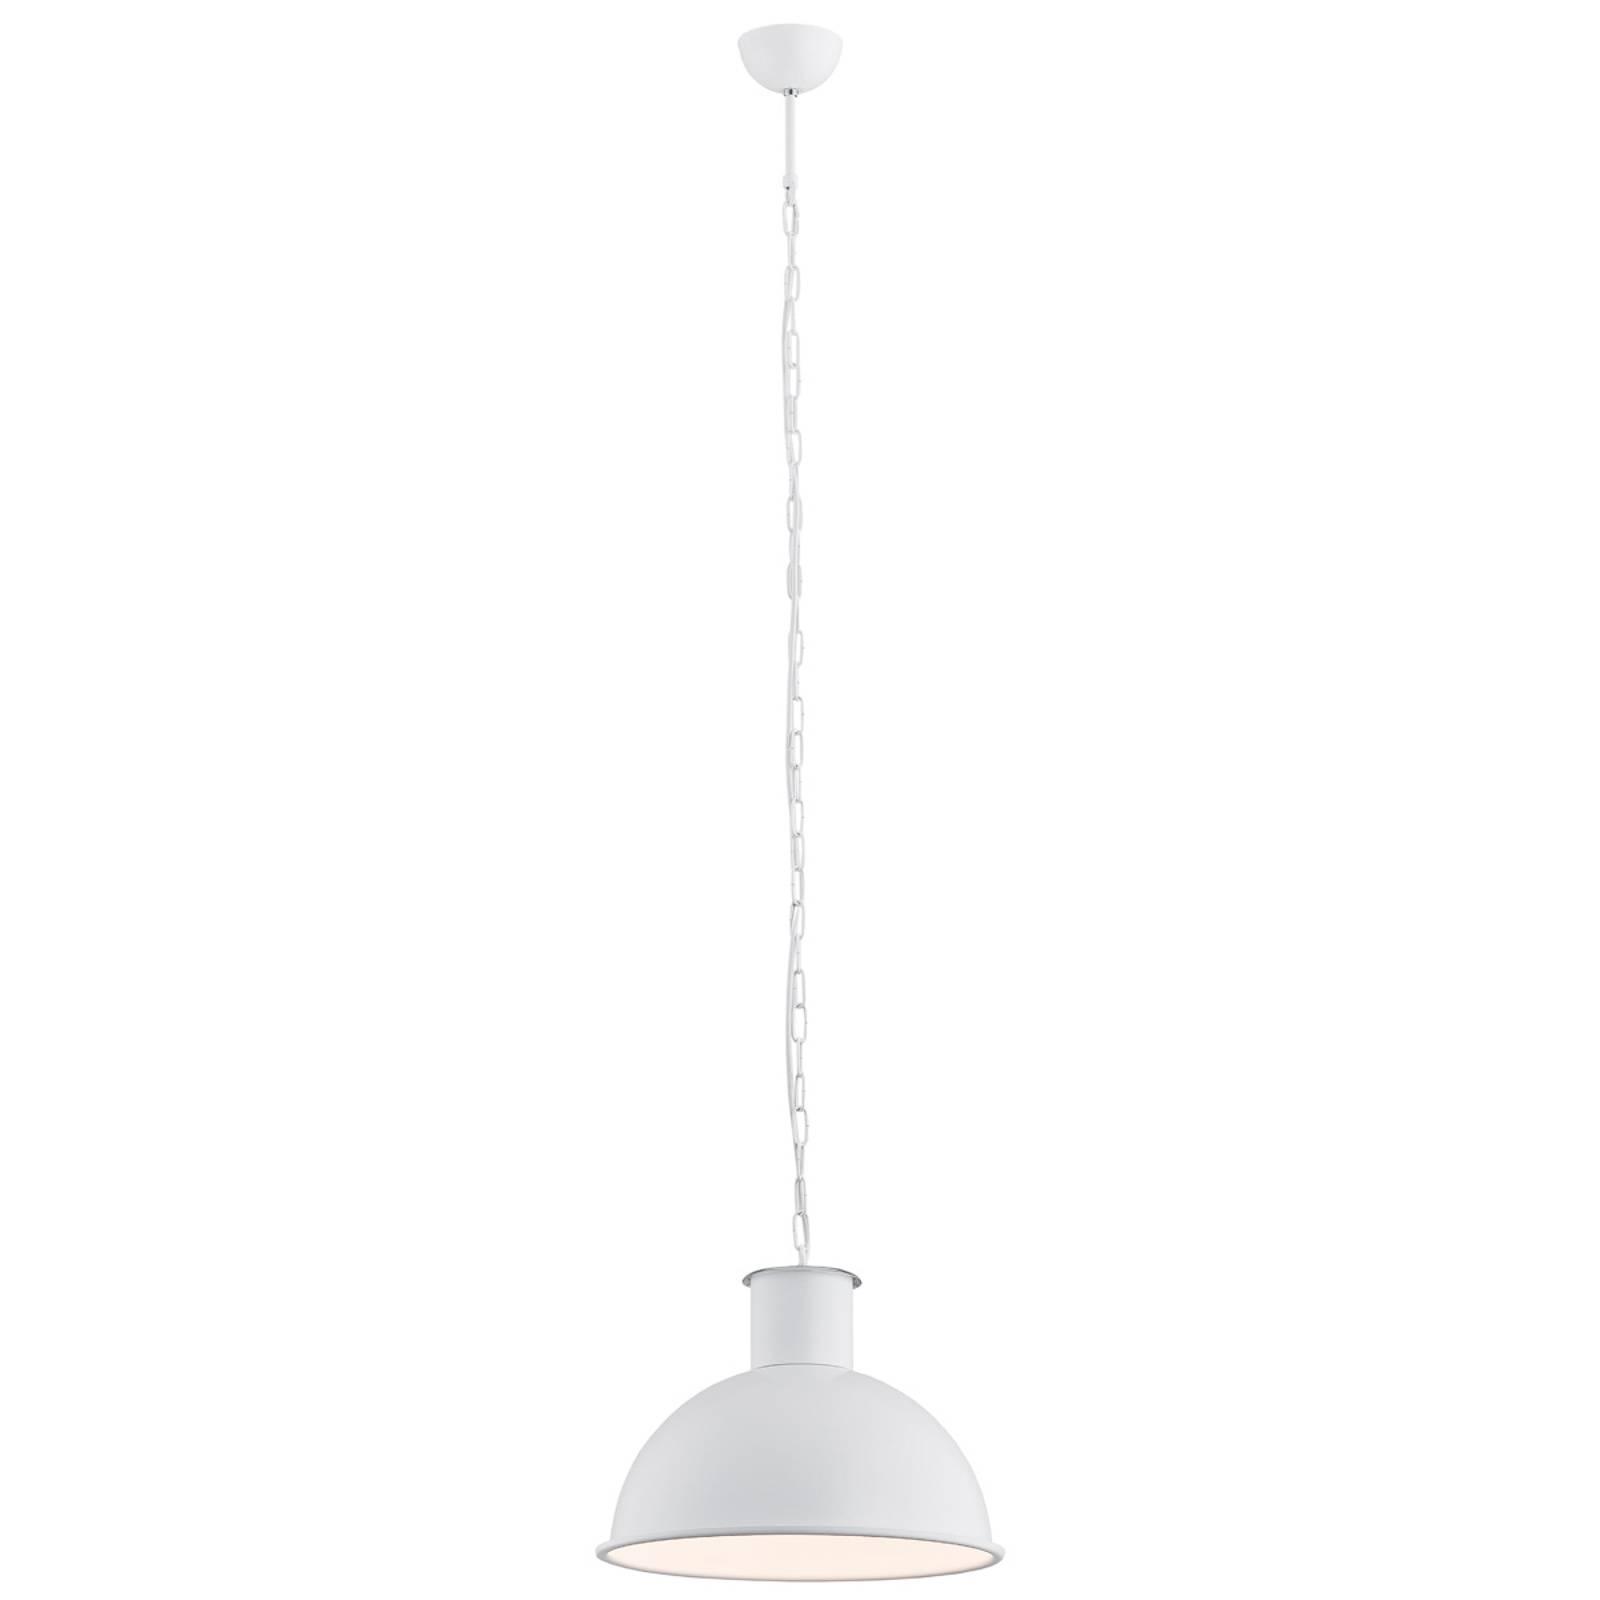 Riippuvalo Emoti, 1-lamppuinen, valkoinen